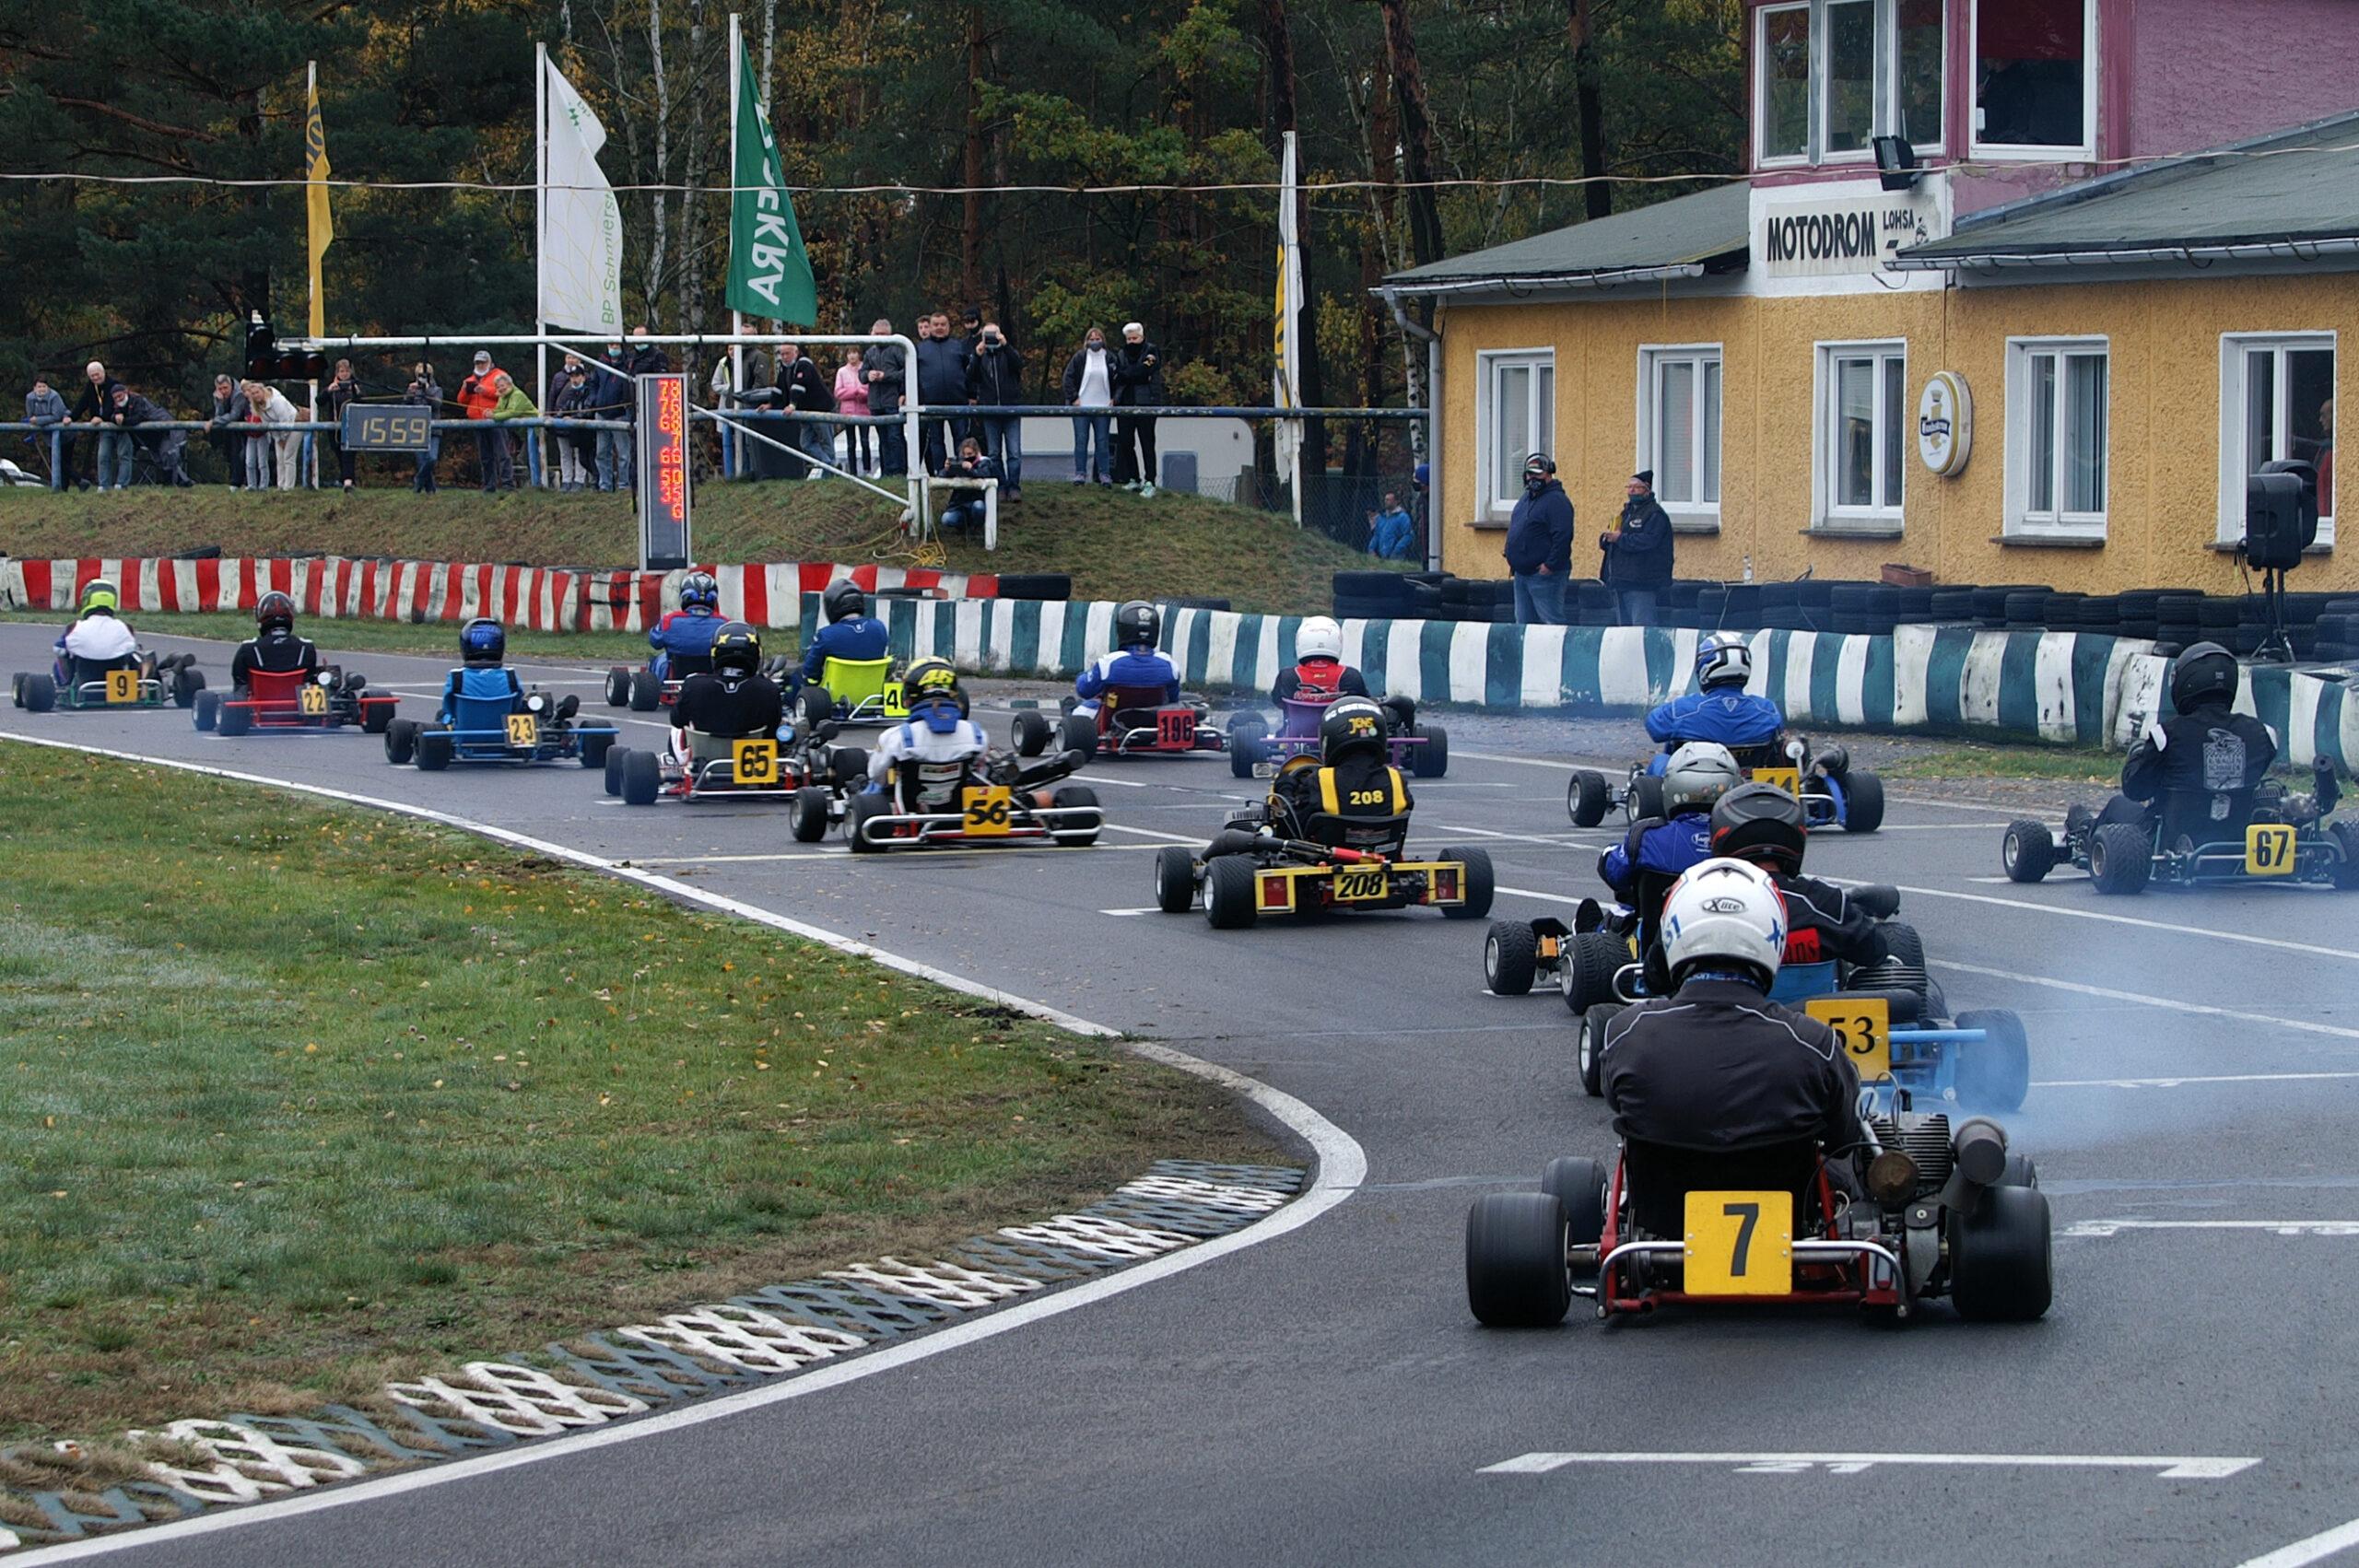 Saisonfinale des Ostdeutschen ADAC Kart Cup 2020 in Lohsa - Foto: © ADAC Sachsen e. V.